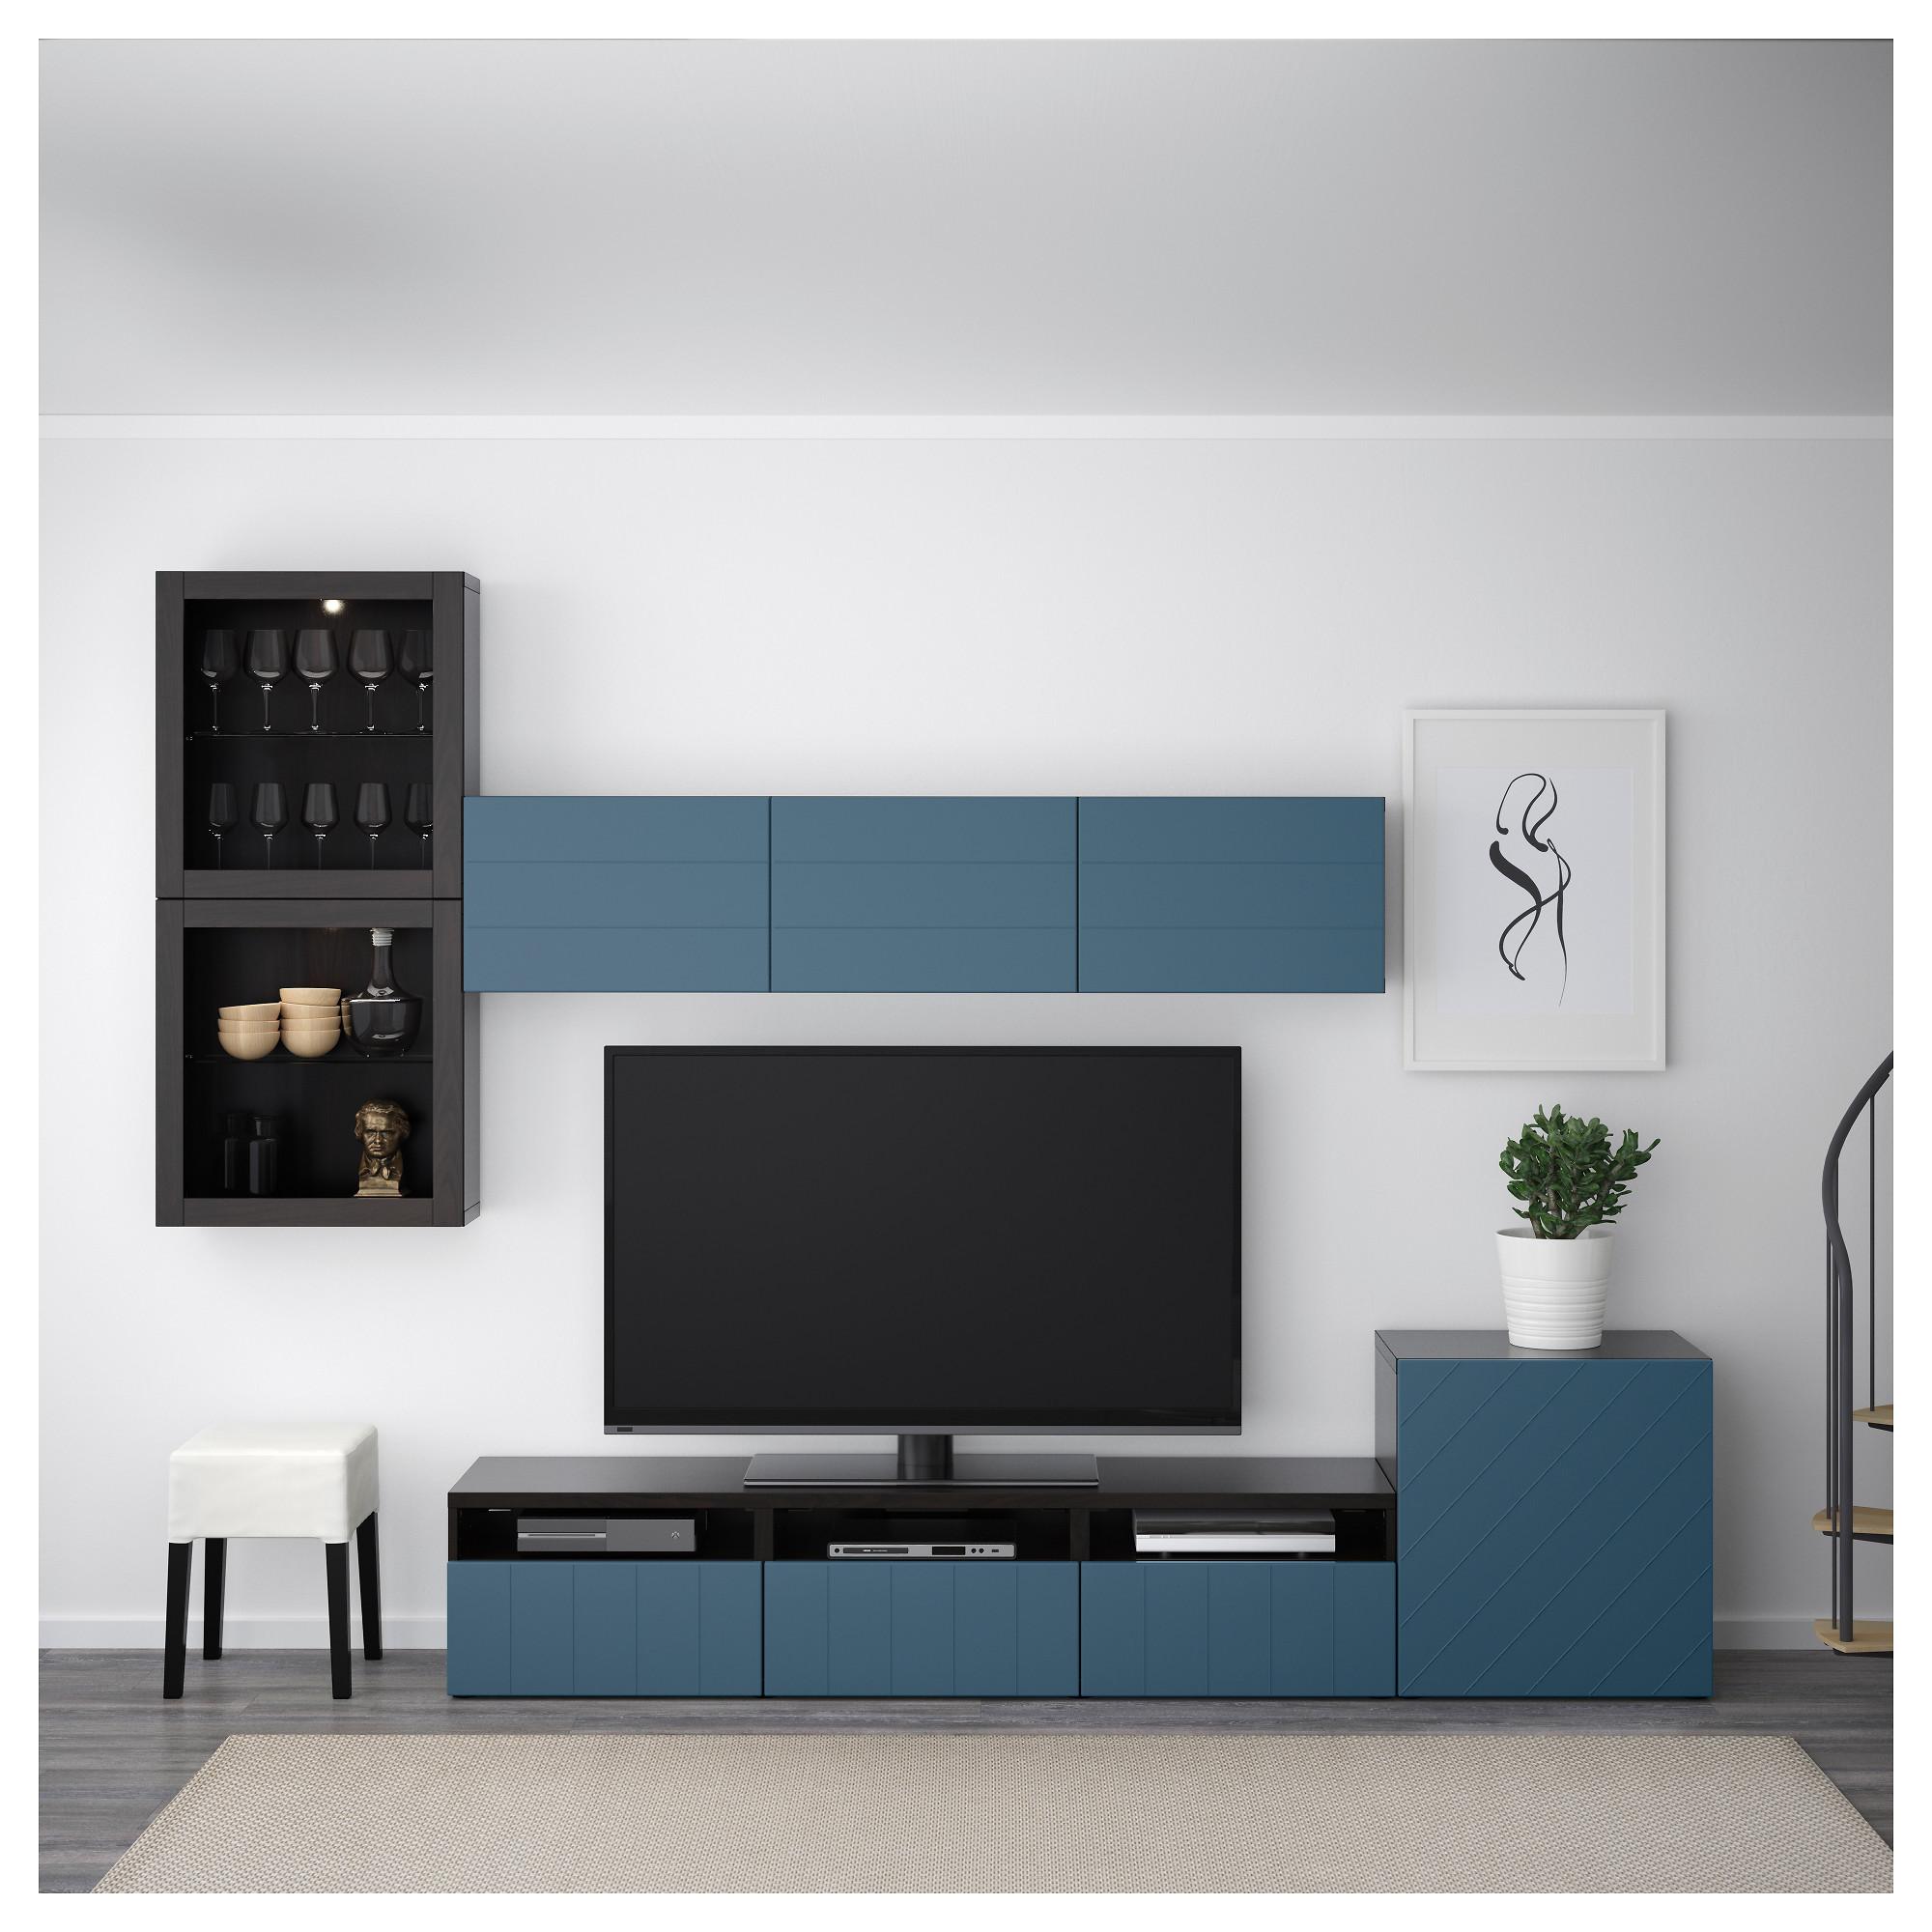 Шкаф для ТВ, комбинированный, стекляные дверцы БЕСТО темно-синий артикуль № 092.761.41 в наличии. Интернет каталог IKEA РБ. Быстрая доставка и установка.